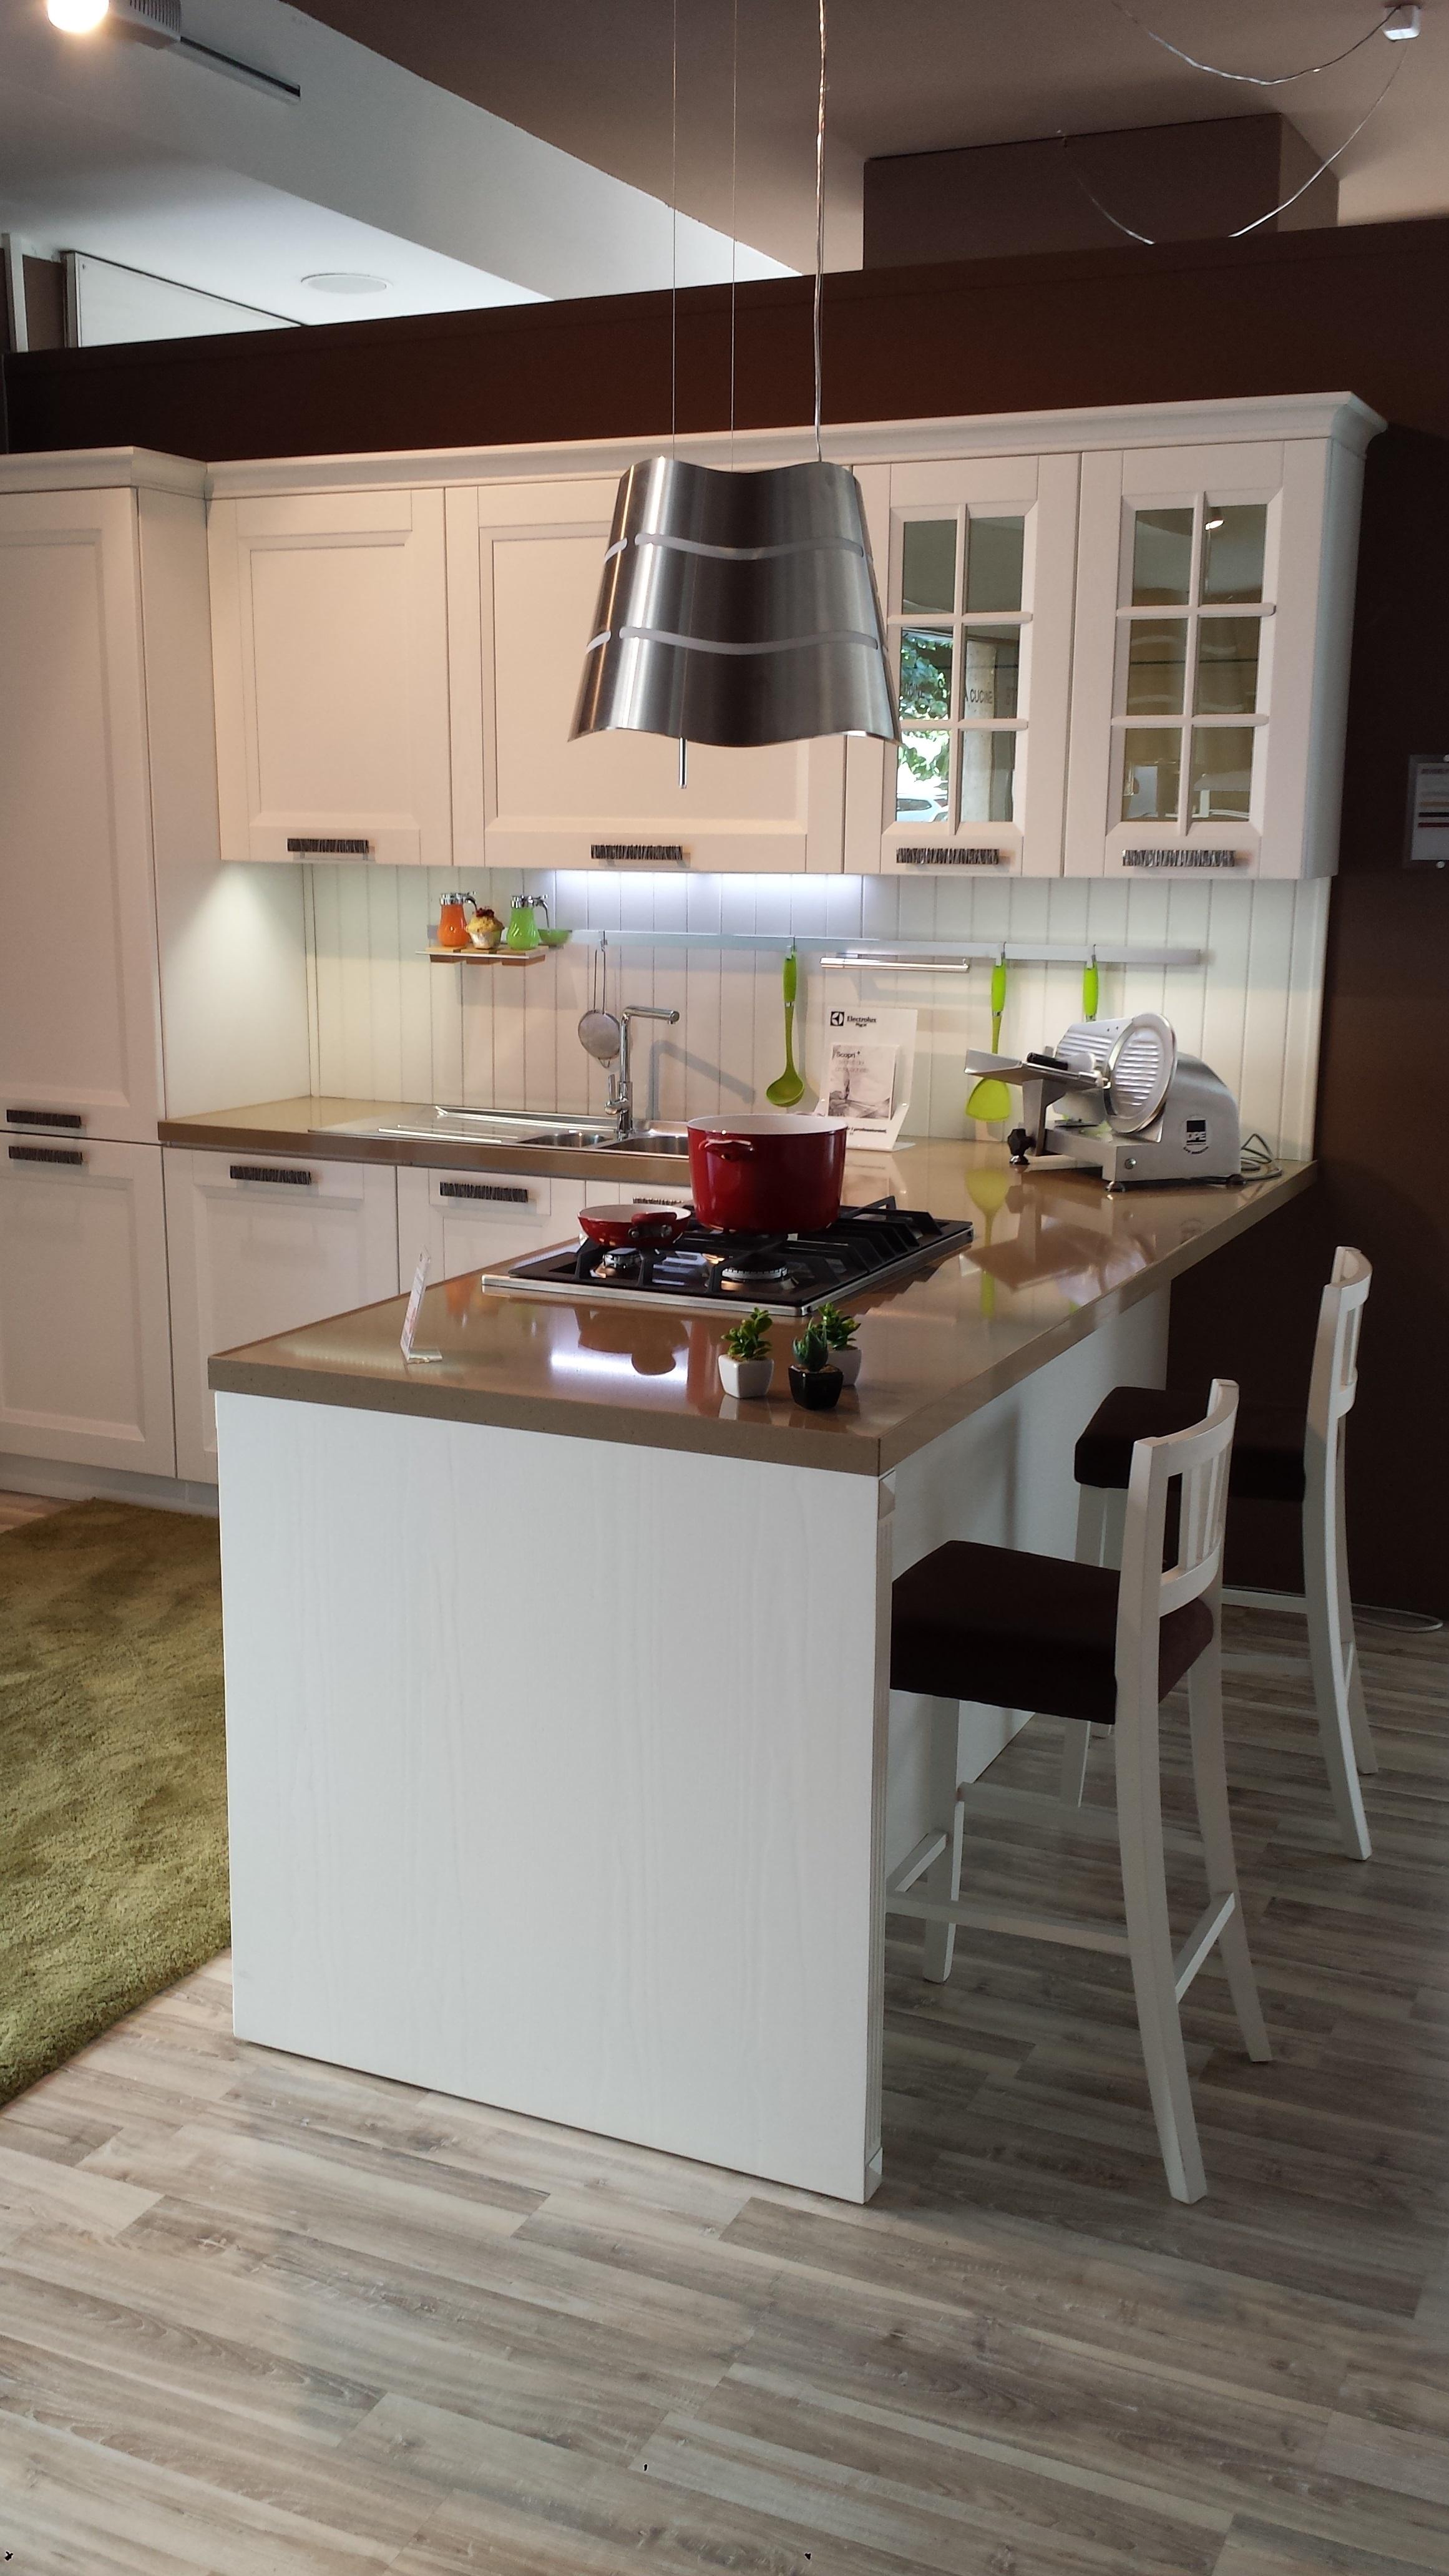 Cucina stosa mod beverly completa di elettrodomestici - Elettrodomestici cucina ...